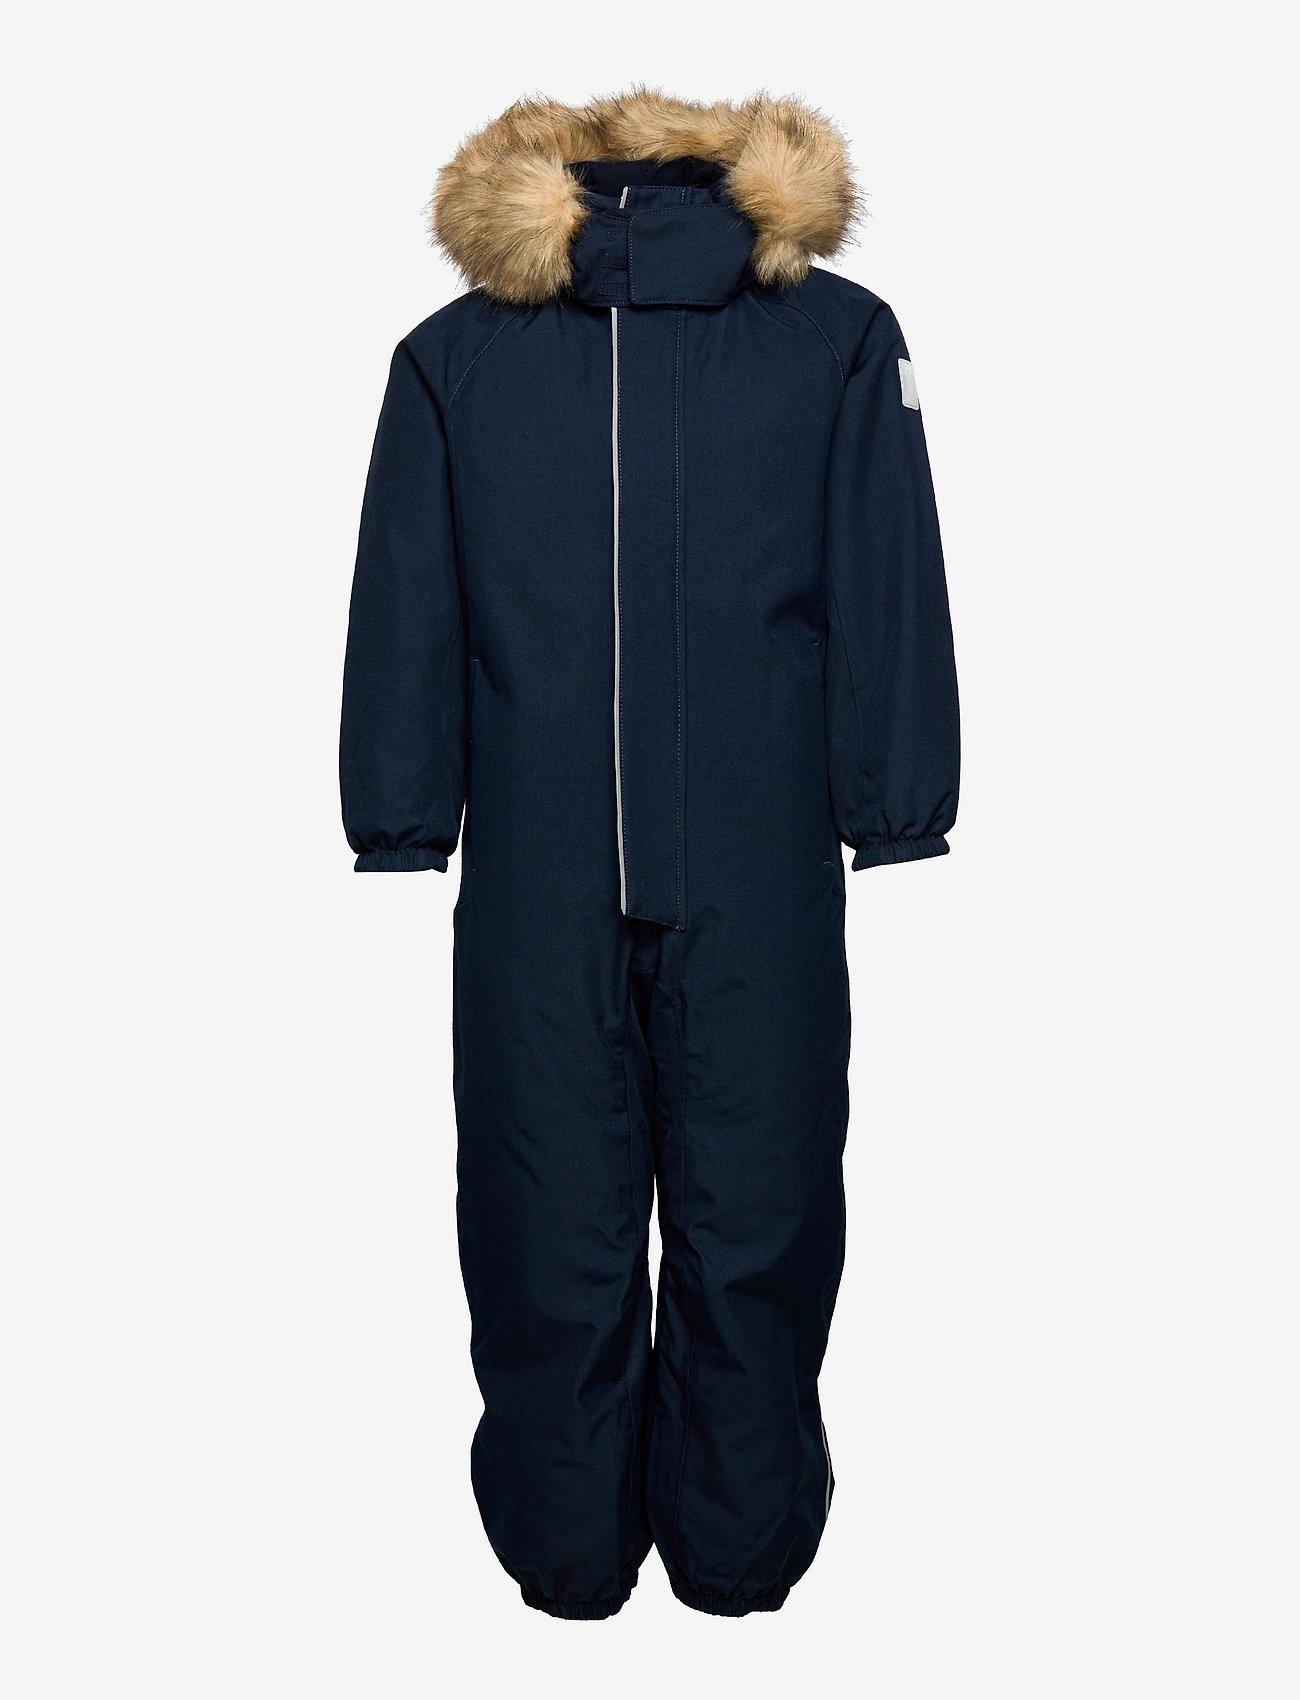 Reima - Trondheim - snowsuit - navy - 0